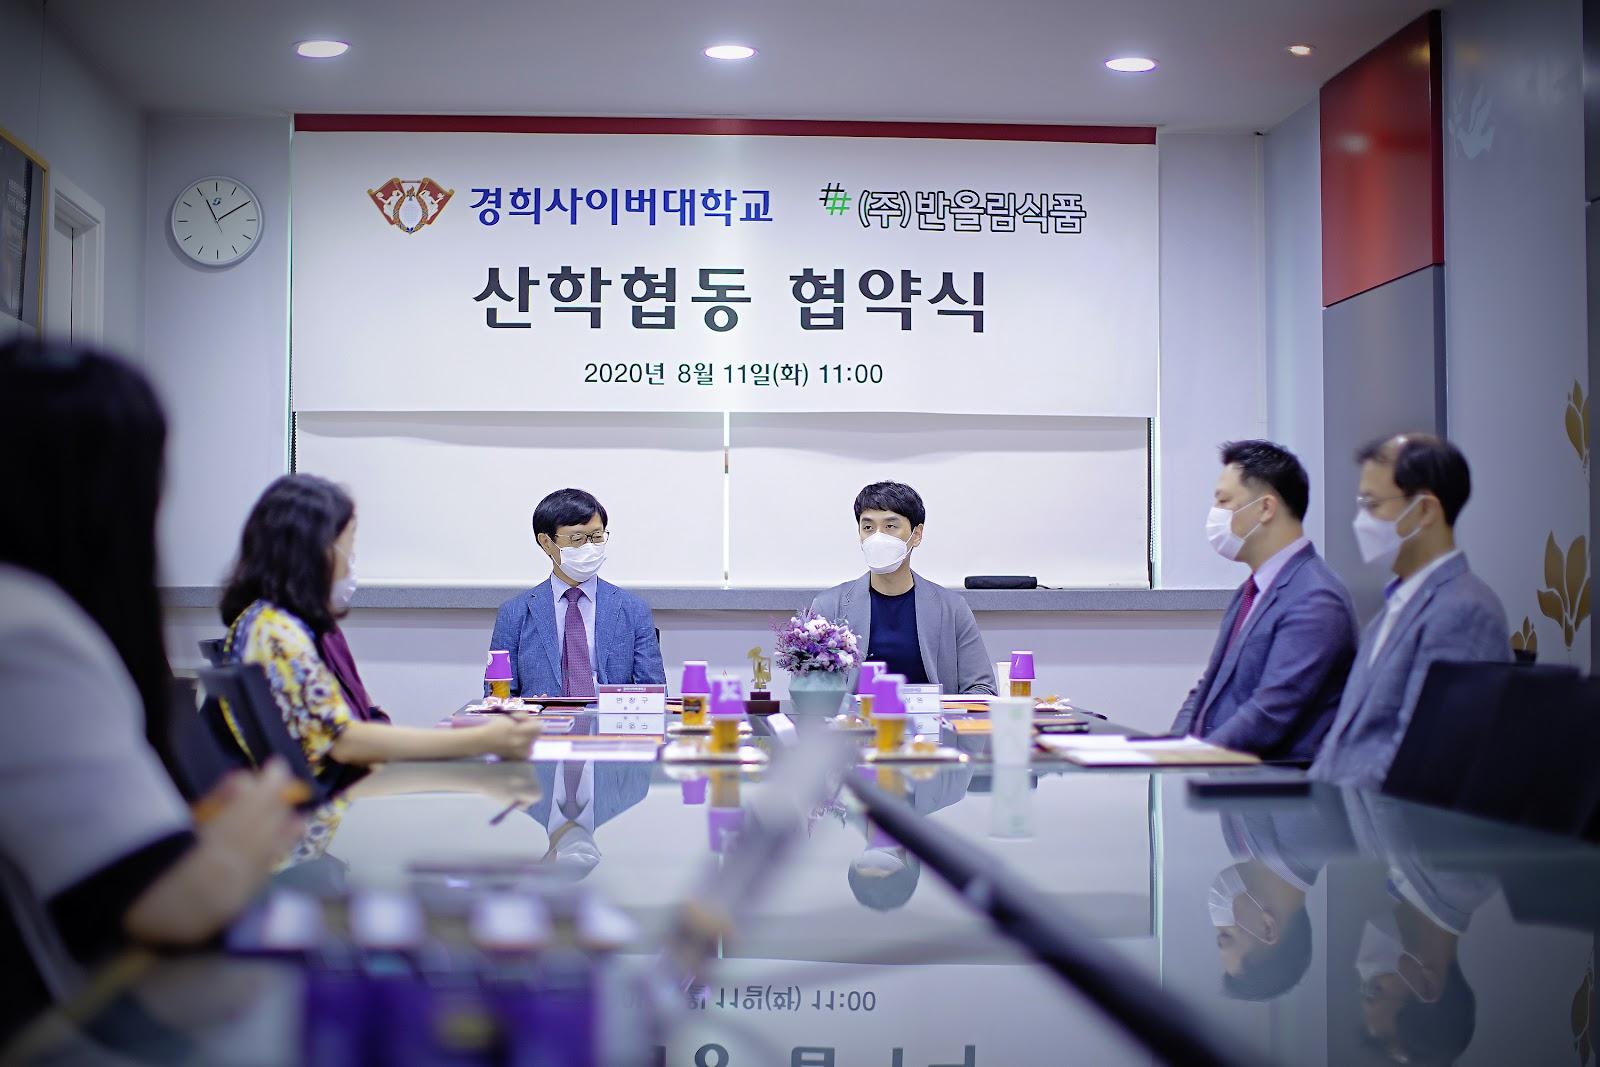 경희사이버대학교는 지난 11일, (주)반올림식품과 산학협약을 체결